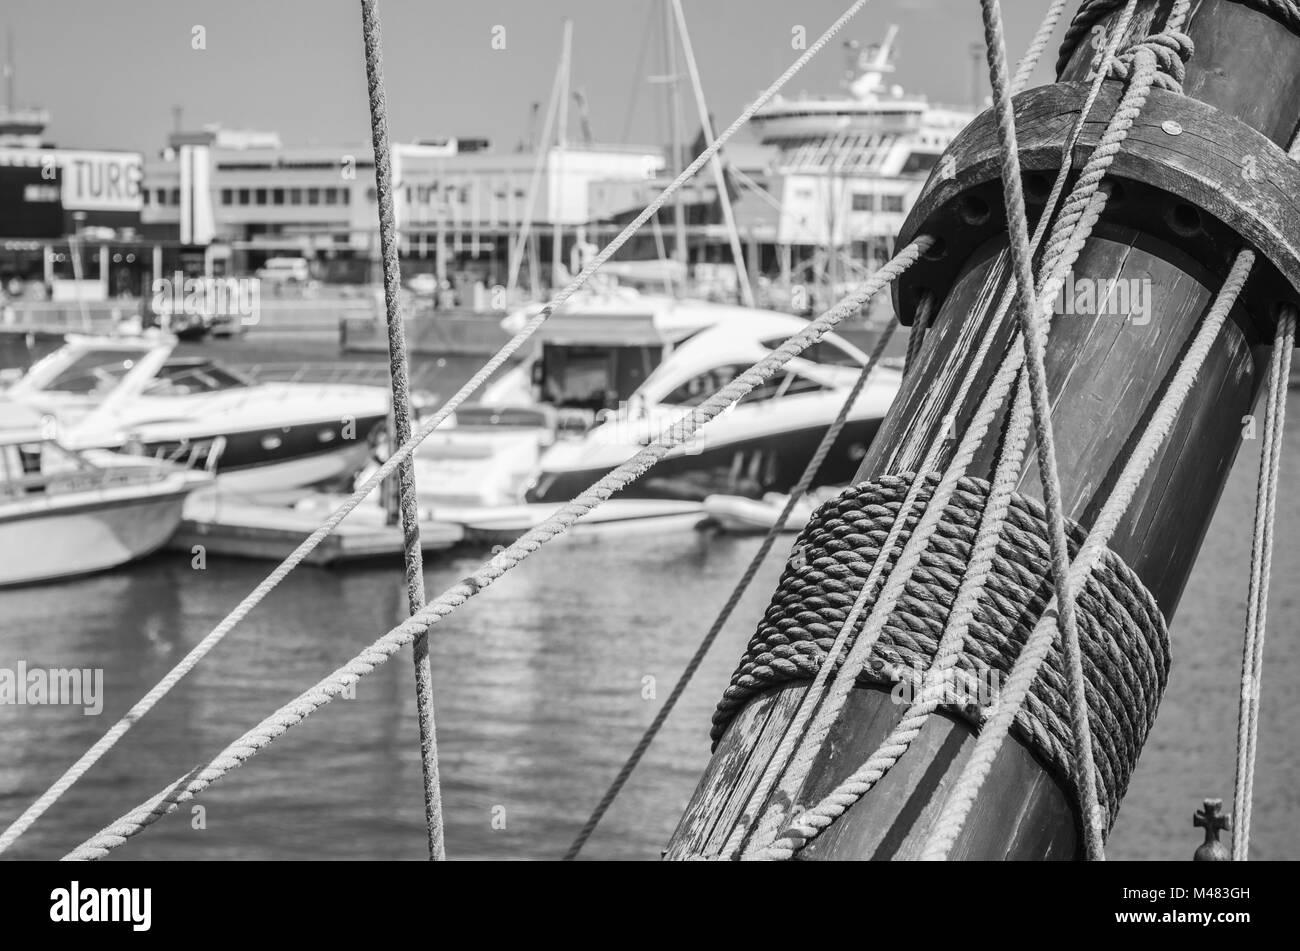 Blocks and rigging at the old sailboat, close-up - Stock Image